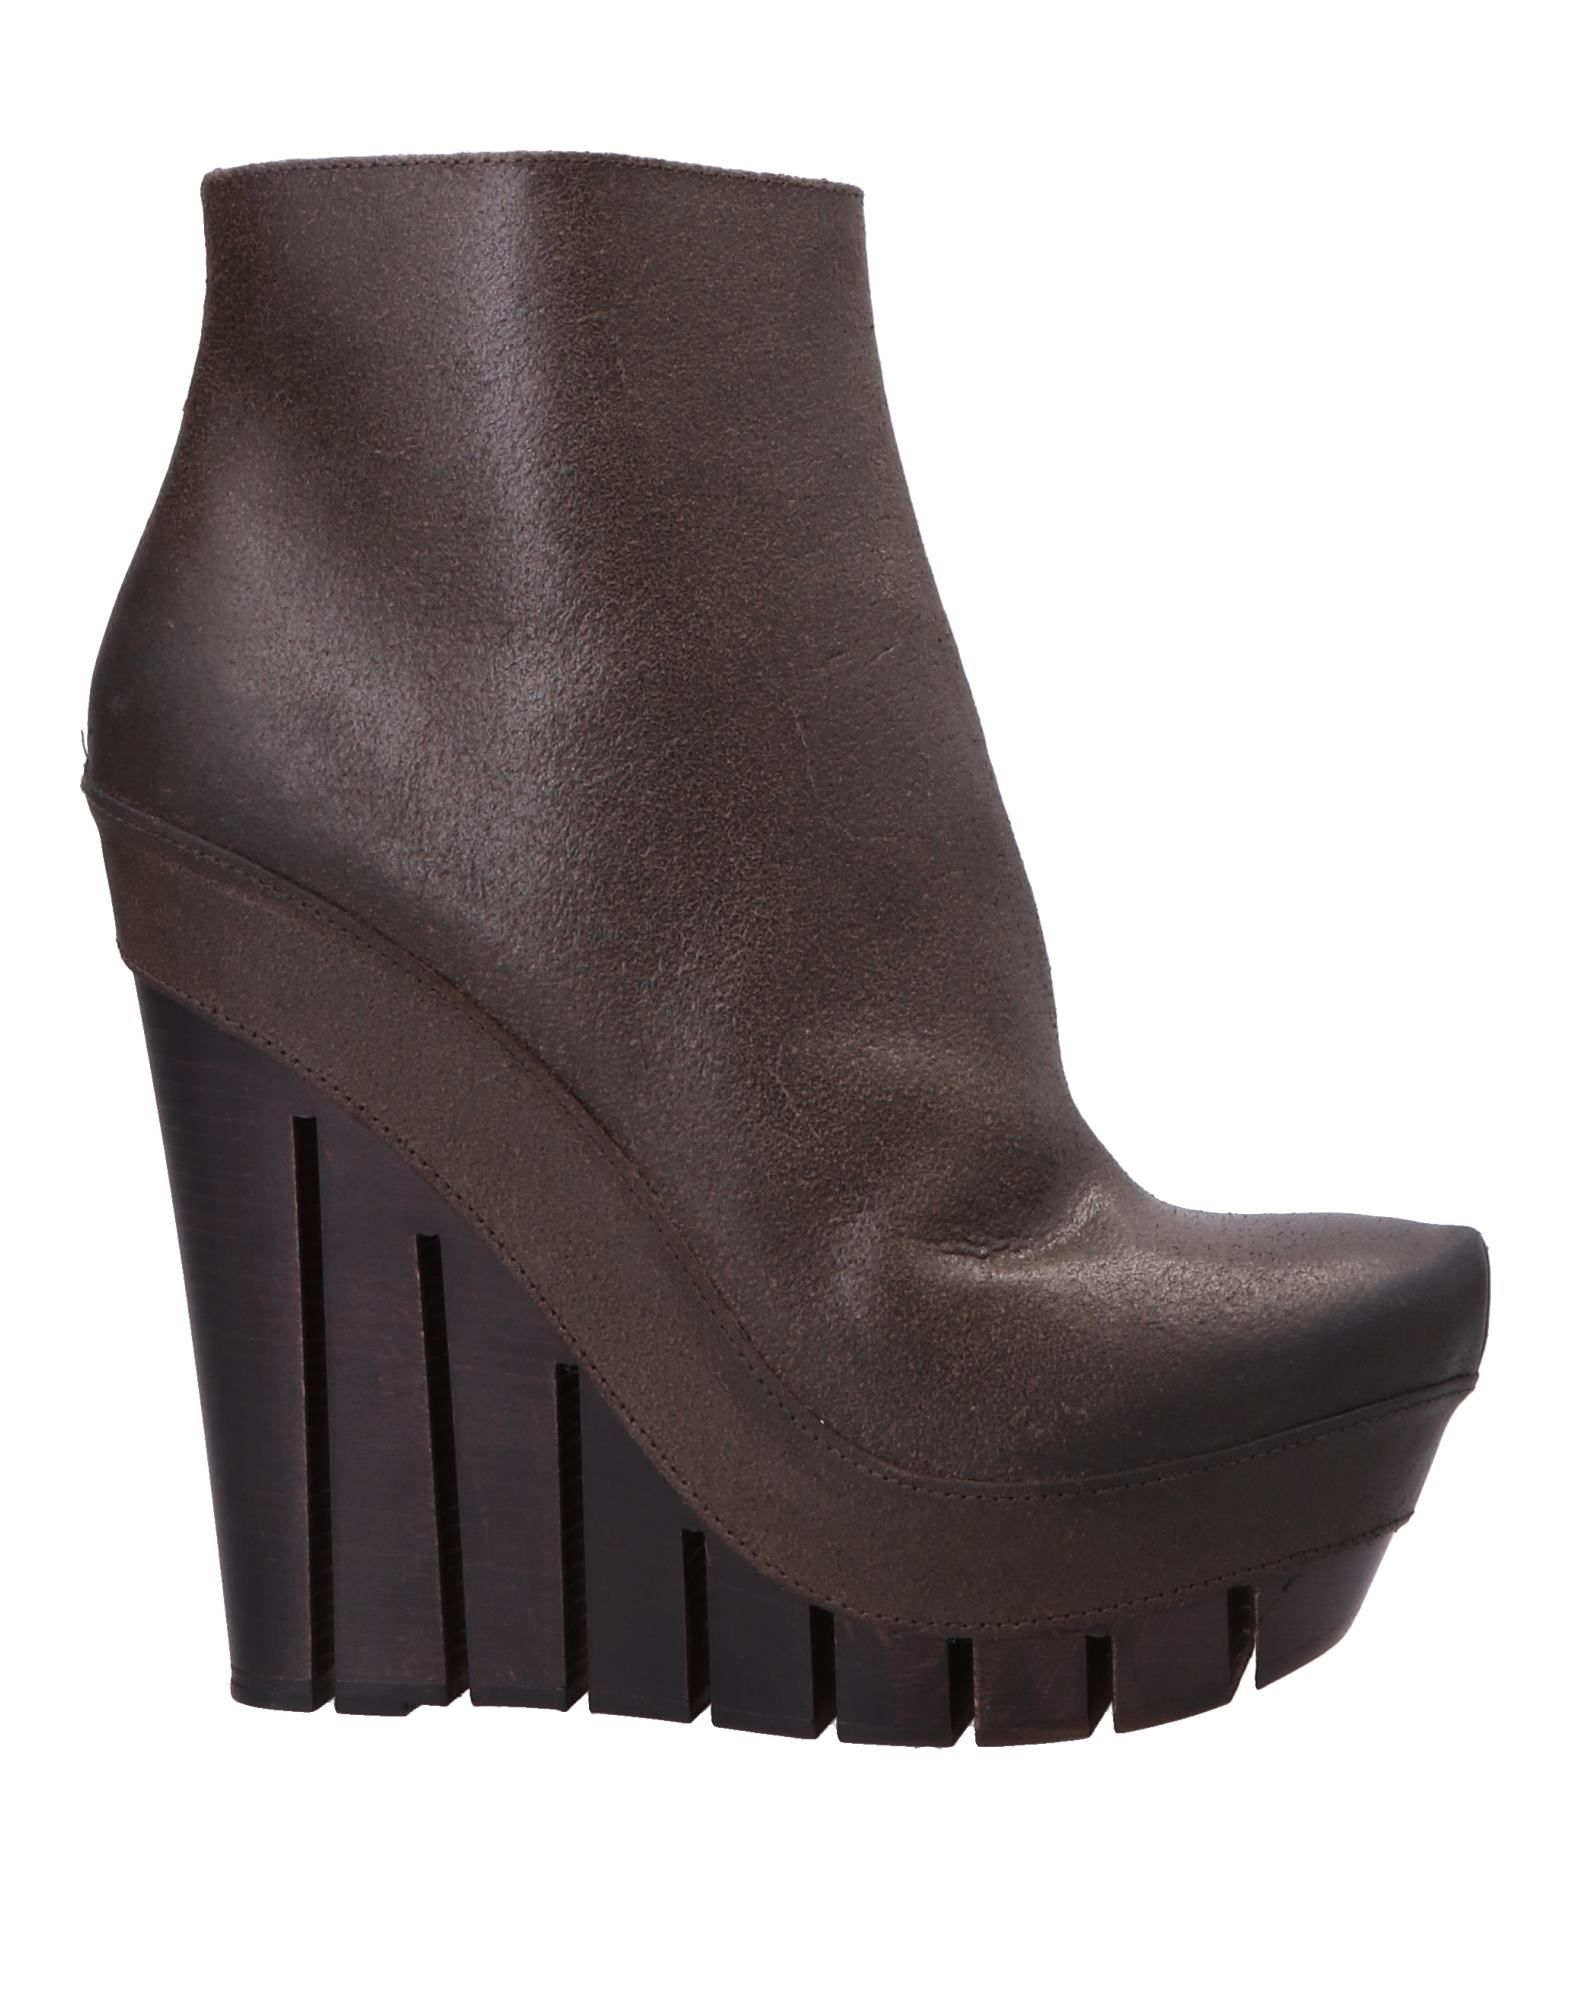 Alain Quilici Stiefelette Damen  11542880NJGünstige gut aussehende Schuhe